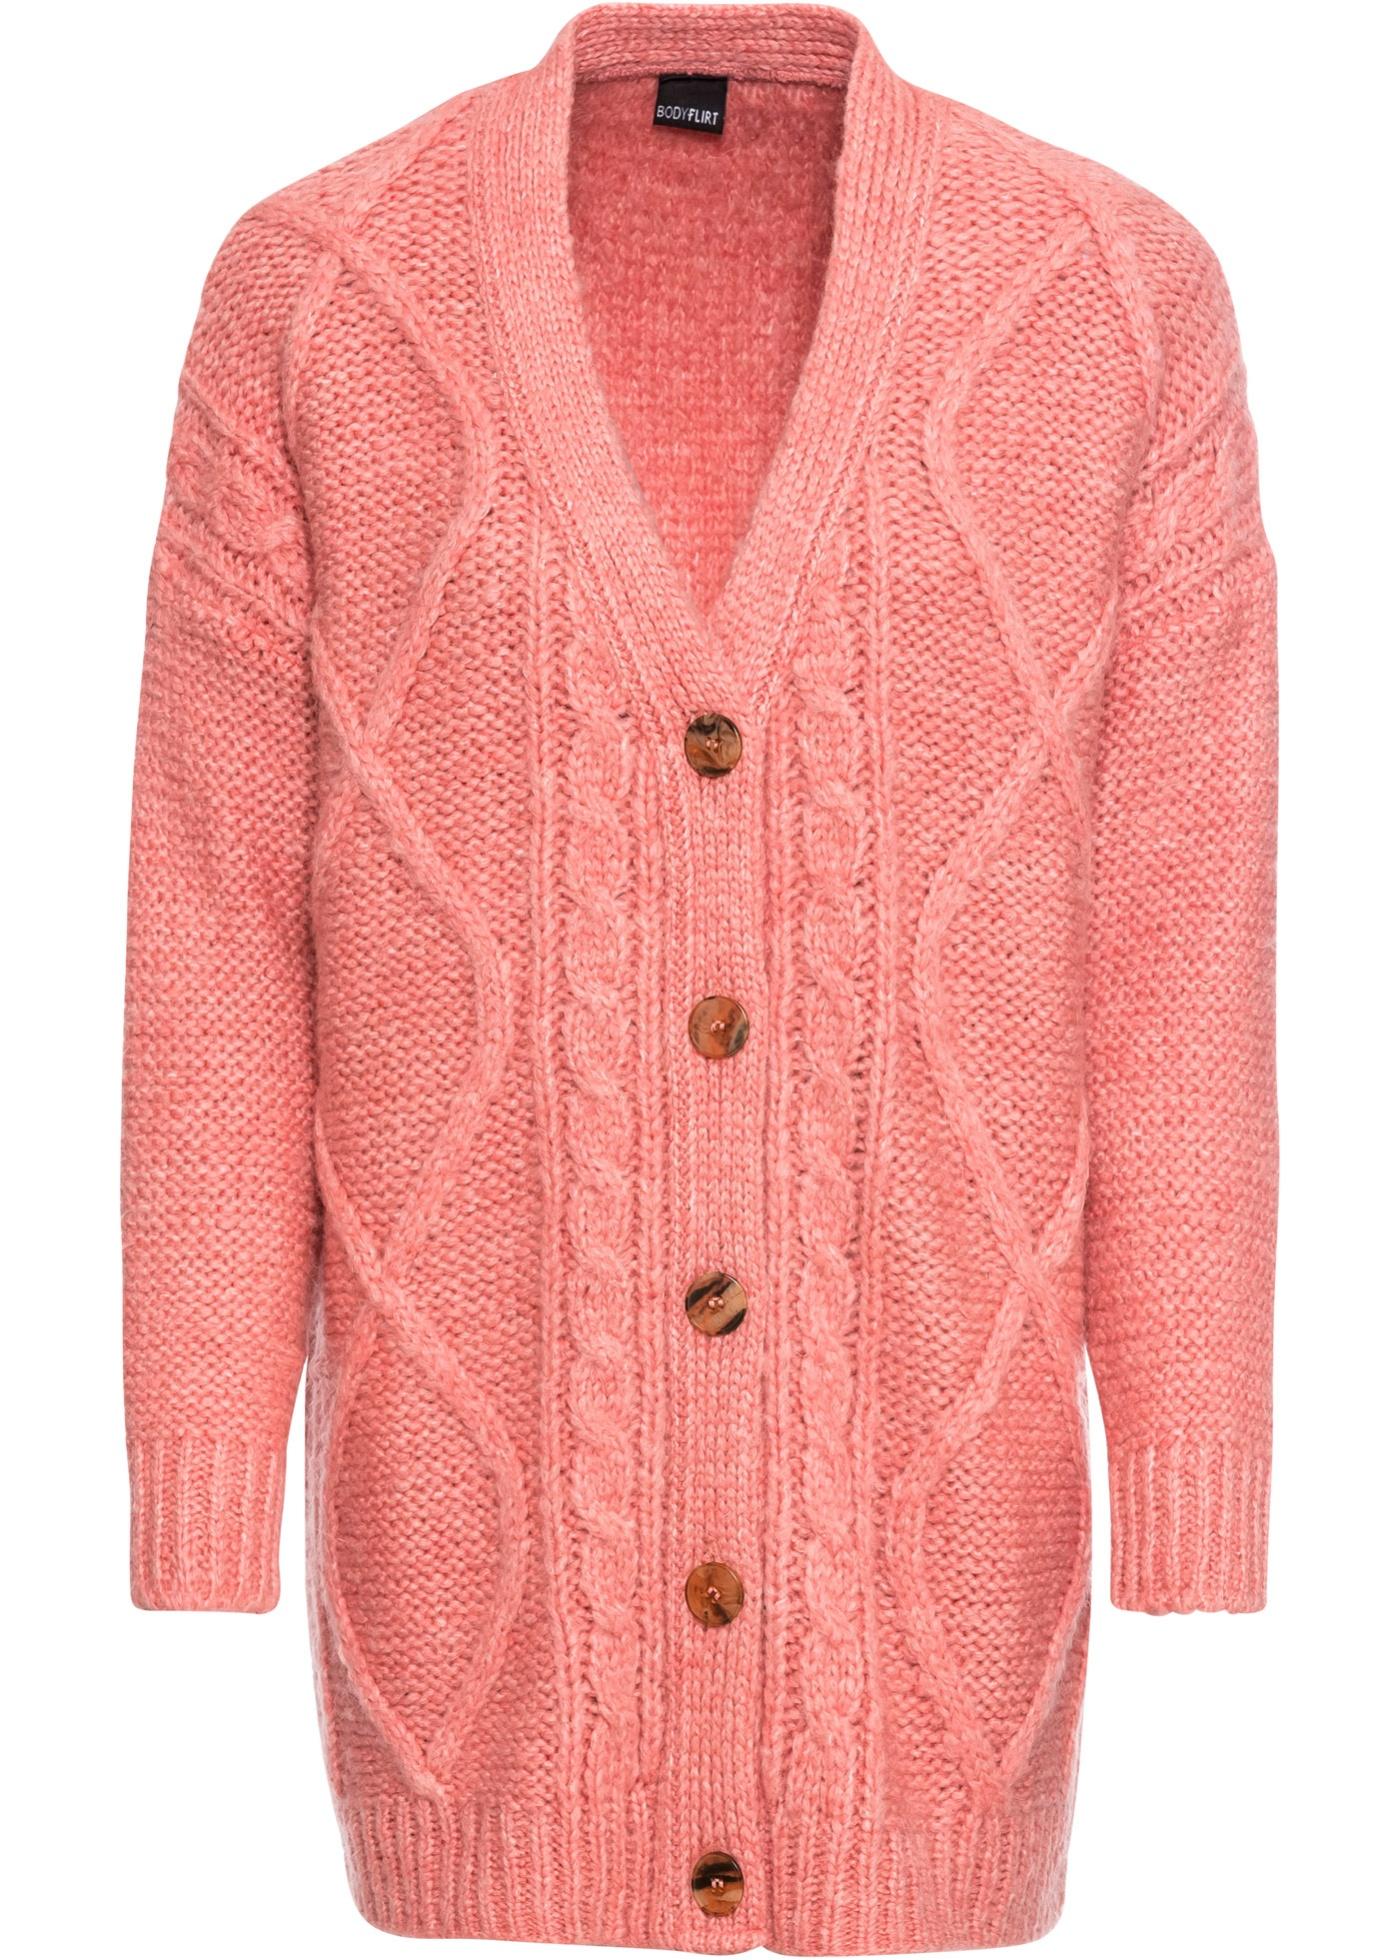 Joli gilet en maille oversize à motif torsadé de Bodyflirt. Bordures en tricot aux poignets et à la base. Long. env. 76 cm.